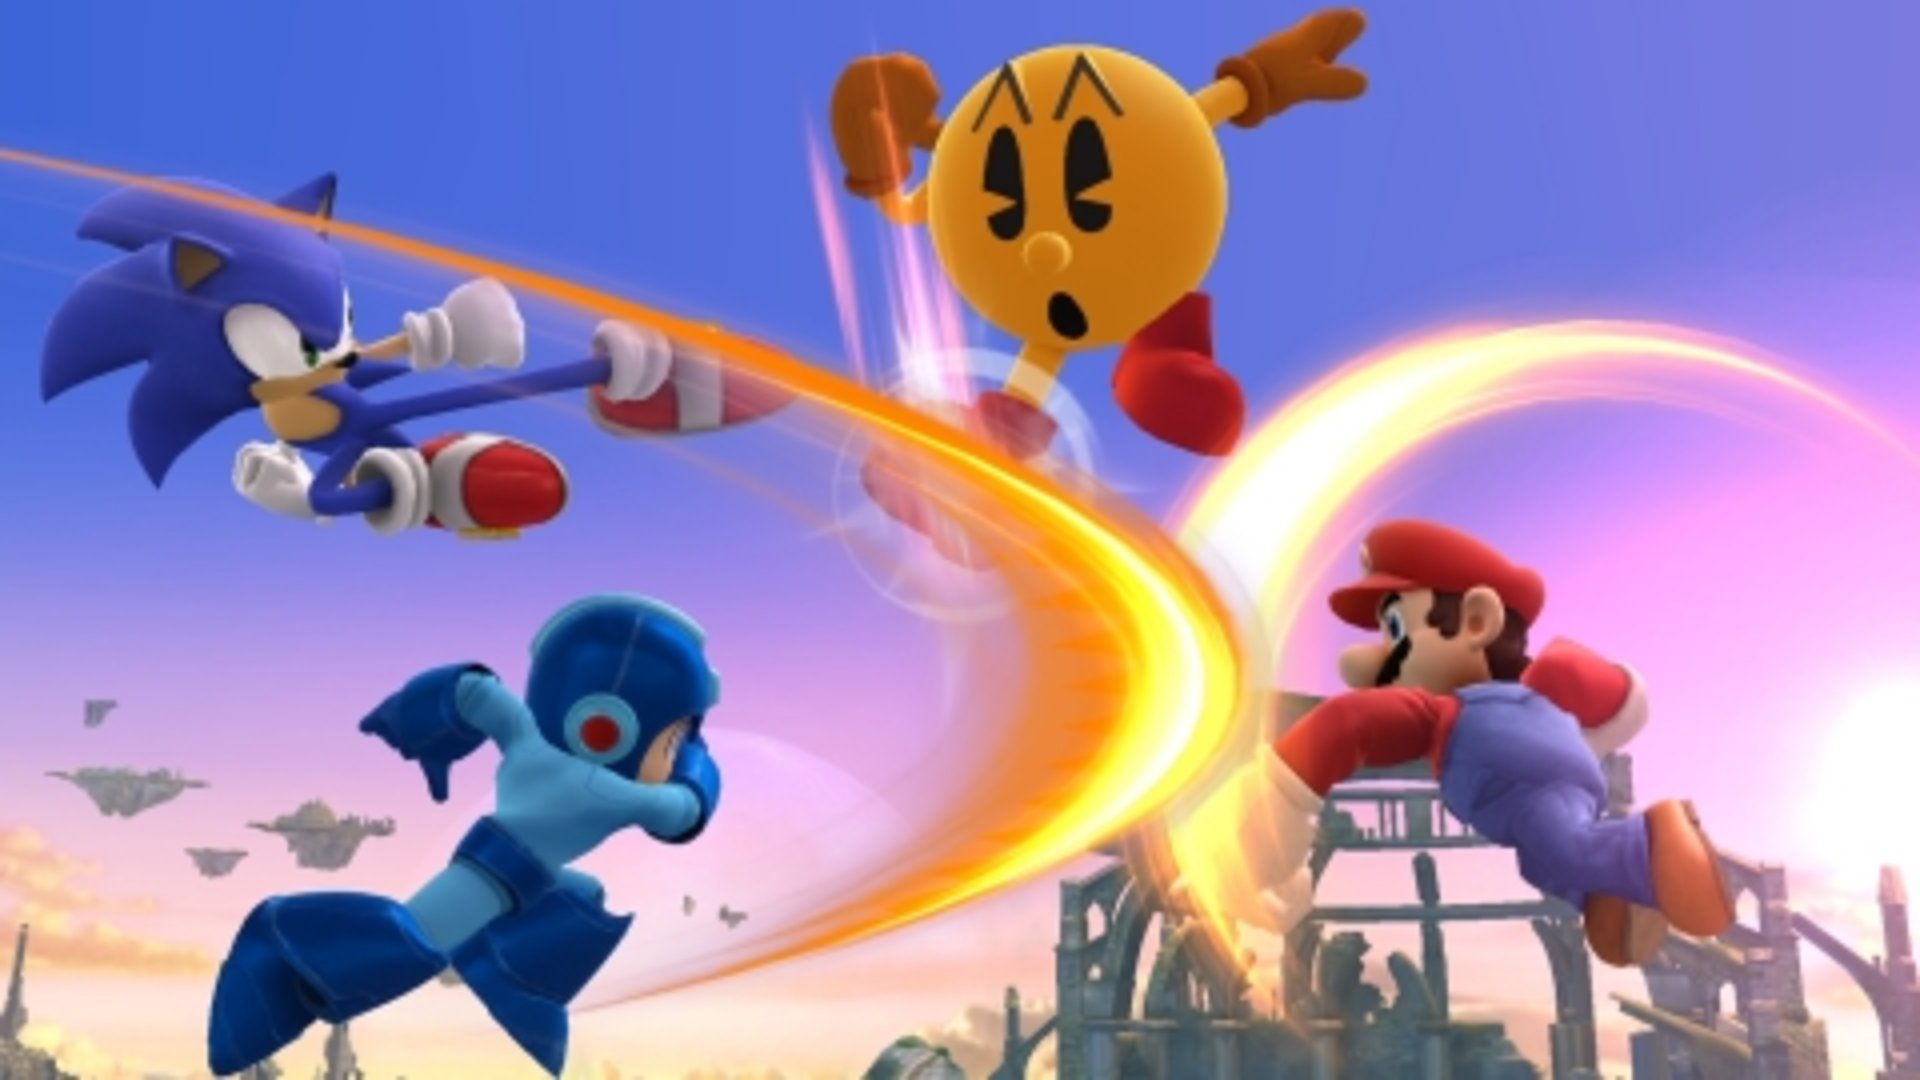 Smash Bros Wii U : Super smash bros wii u and ds polygon e